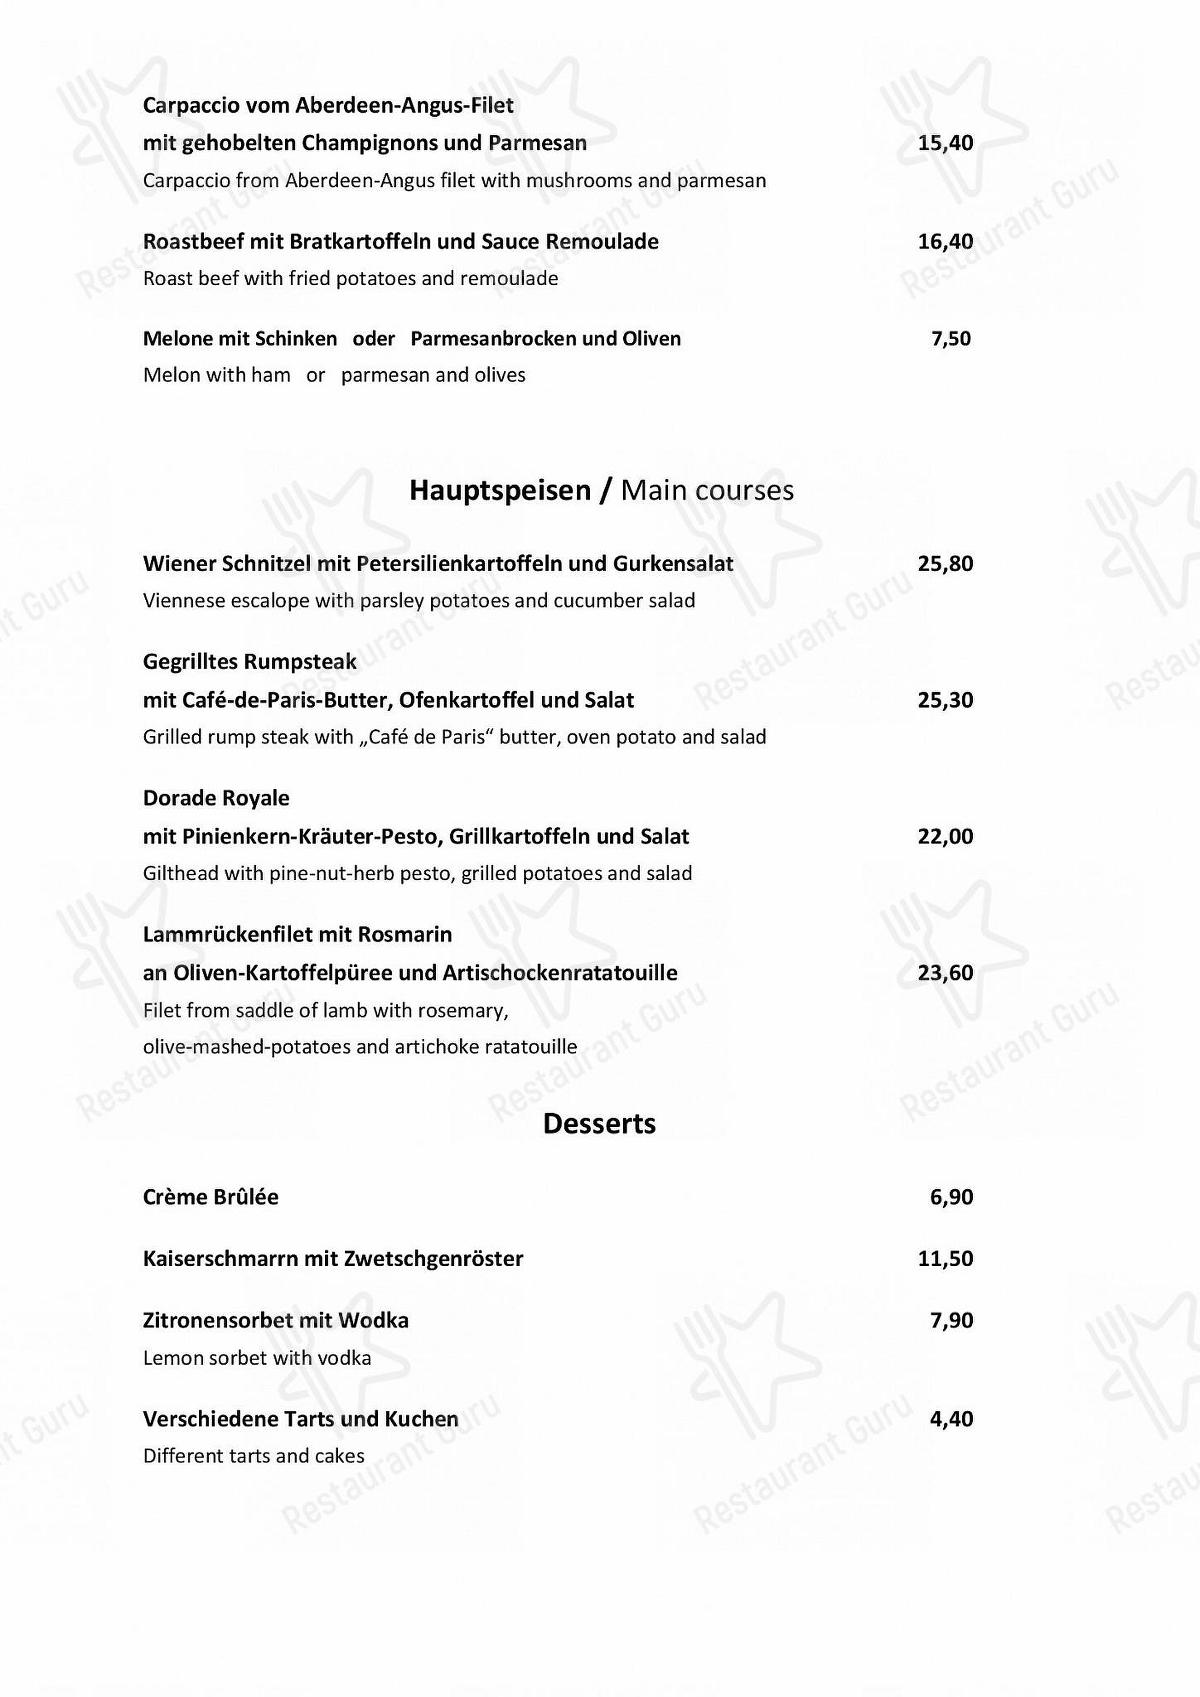 Speisekarte von Manzini restaurant